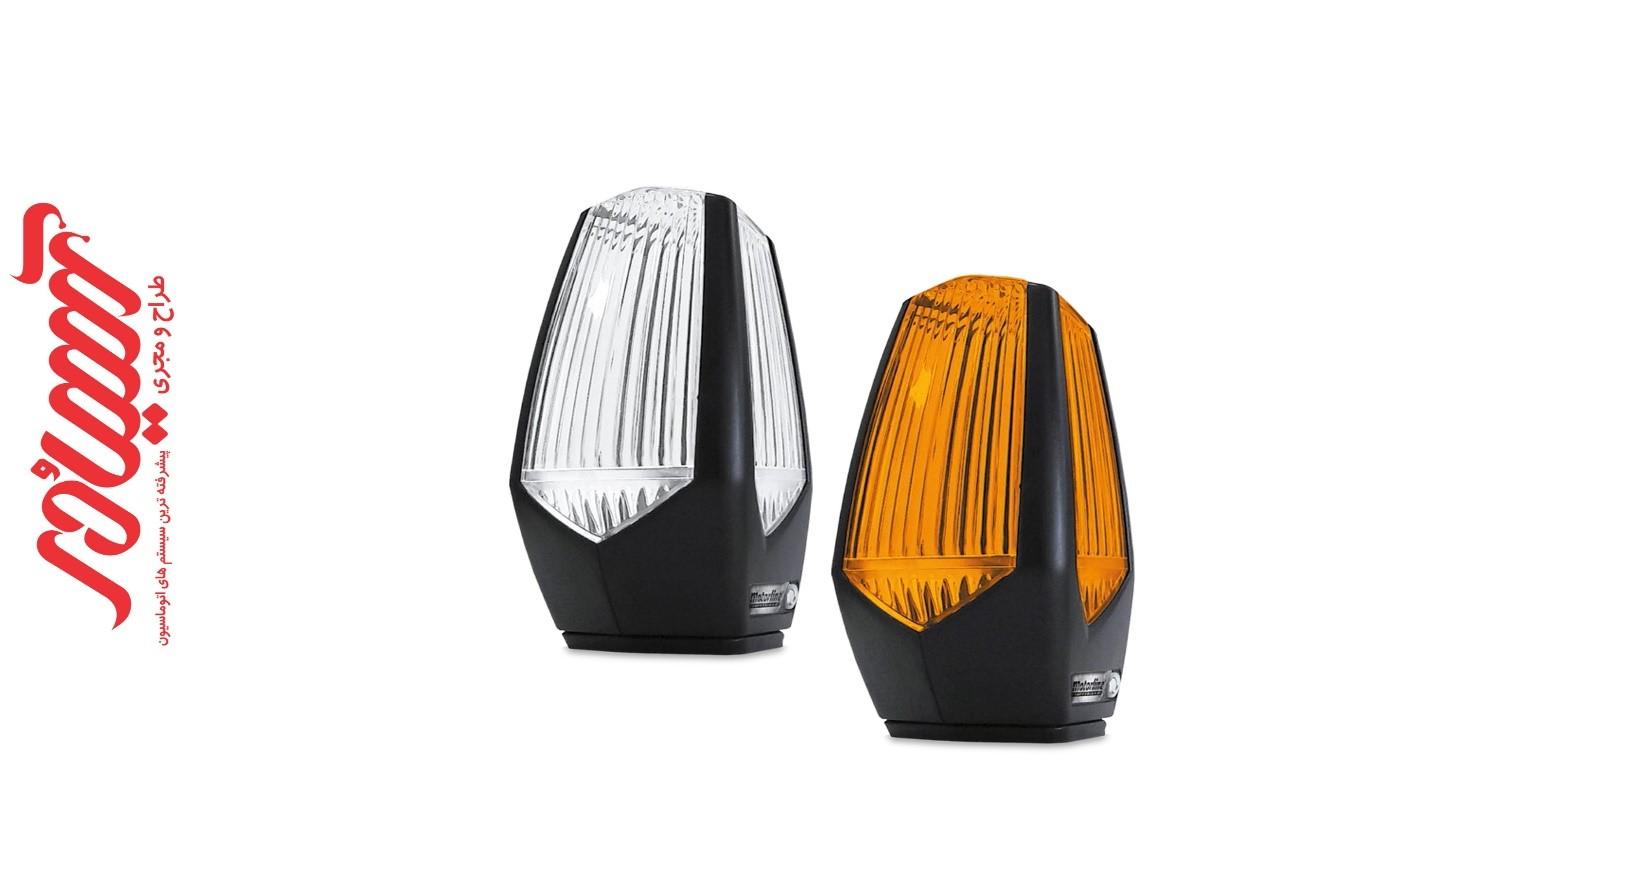 لامپ فلاشر موتورلاین